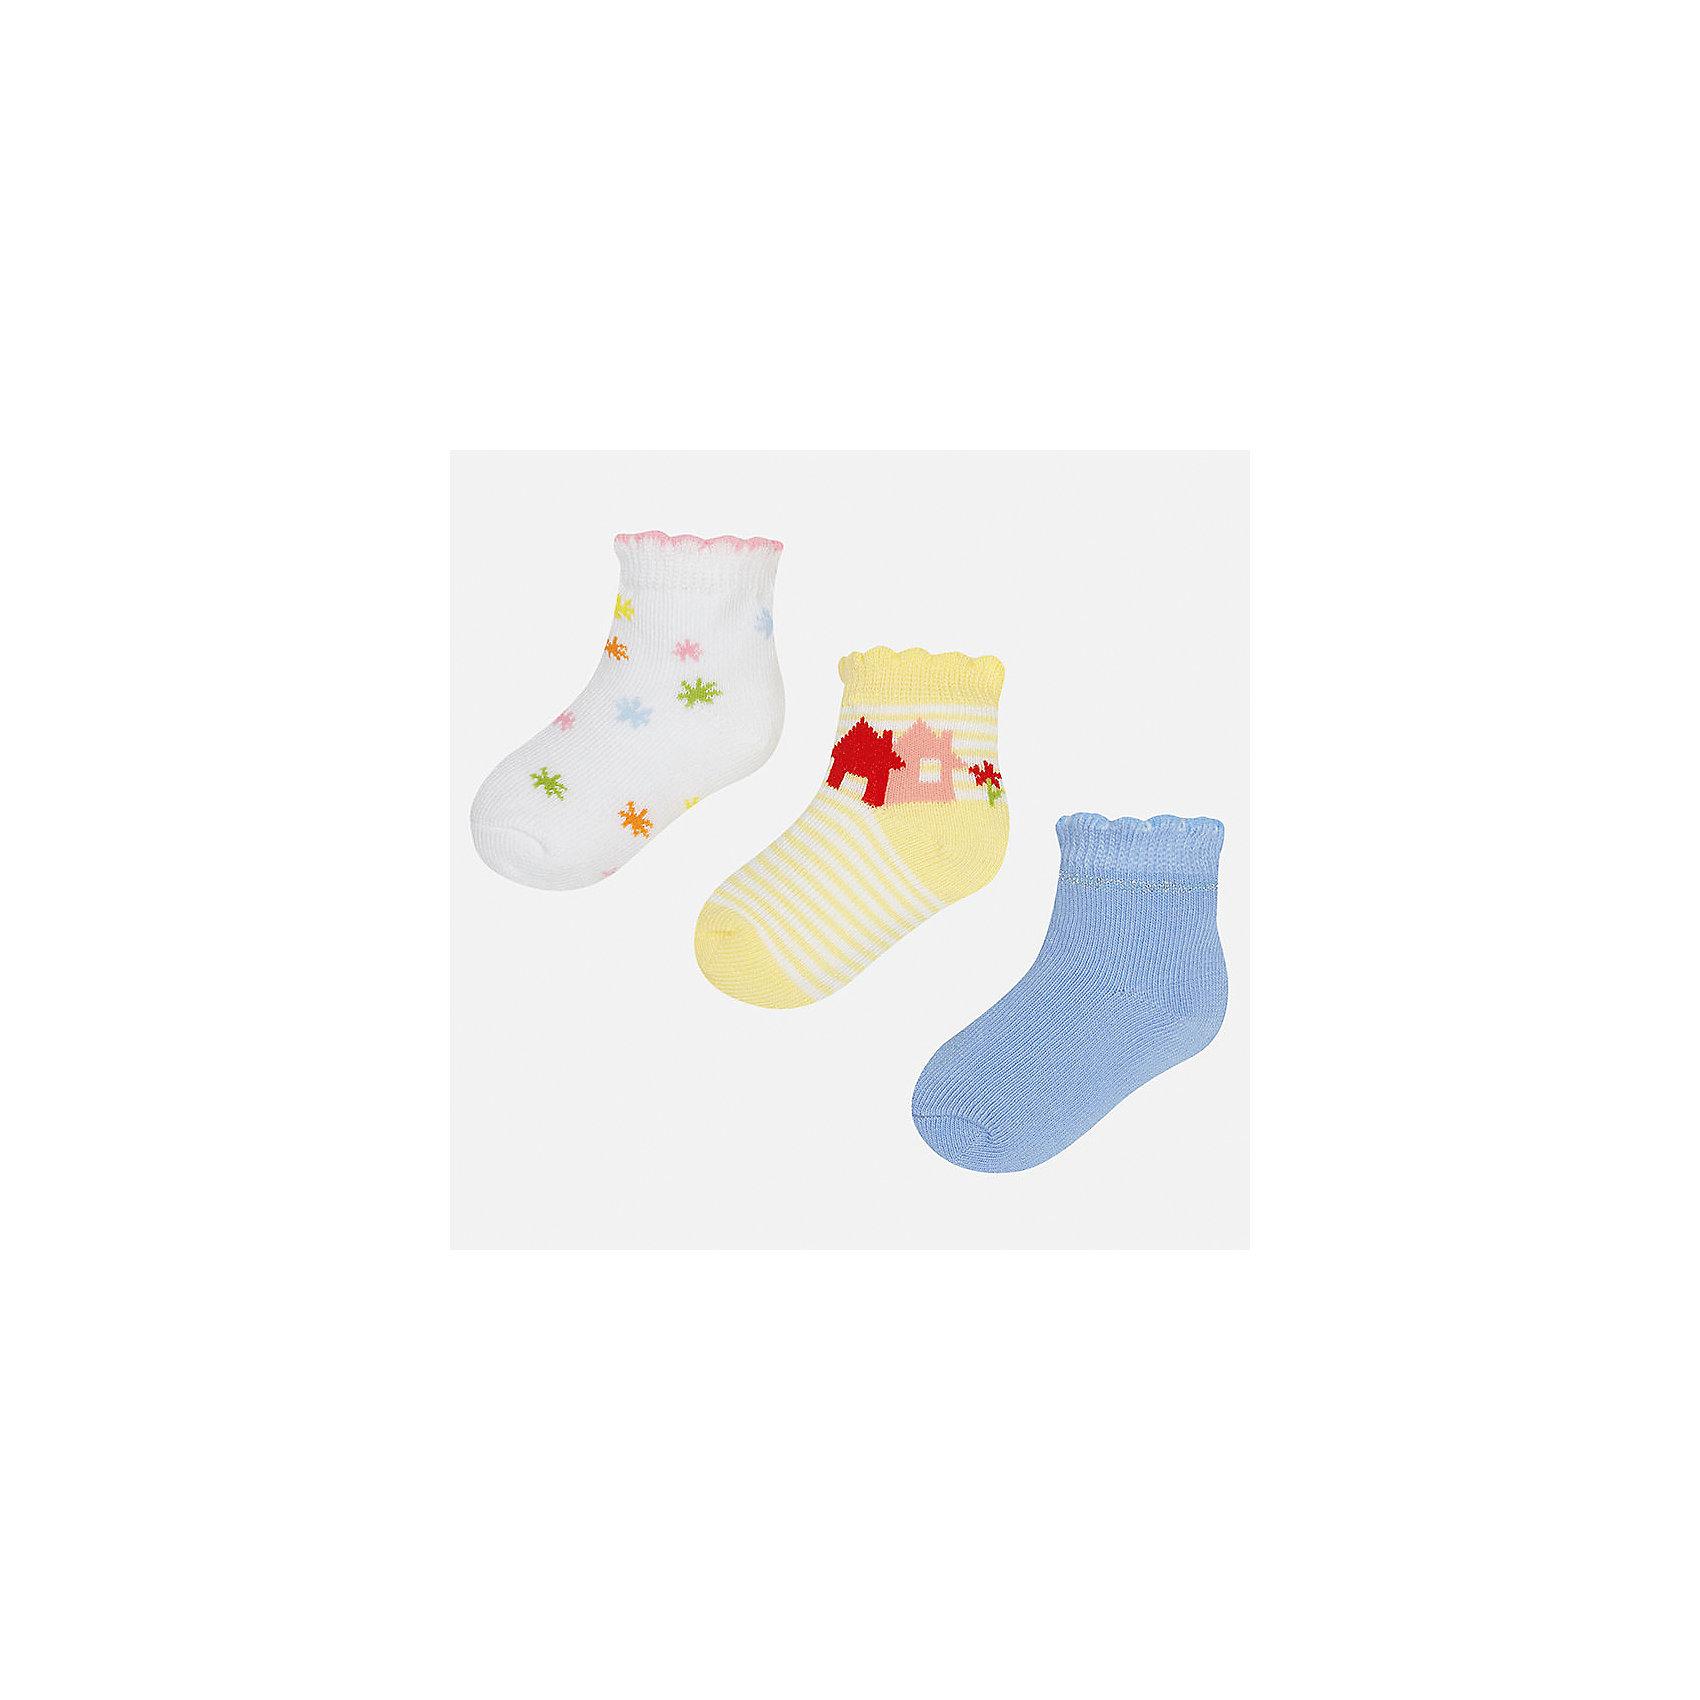 Носки (3 шт.) для девочки MayoralНоски<br>Характеристики товара:<br><br>• цвет: белый/желтый/голубой<br>• состав: 68% хлопок, 28% полиамид, 4% эластан<br>• комплектация: 3 пары<br>• мягкая ажурная резинка<br>• эластичный материал<br>• декорированы рисунком<br>• страна бренда: Испания<br><br>Красивые и удобные носки для девочки помогут обеспечить ребенку комфорт и дополнить наряд. Универсальный цвет позволяет надевать их под обувь разных расцветок. Носки удобно сидят на ноге и красиво смотрятся. В составе материала - натуральный хлопок, гипоаллергенный, приятный на ощупь, дышащий. <br><br>Одежда, обувь и аксессуары от испанского бренда Mayoral полюбились детям и взрослым по всему миру. Модели этой марки - стильные и удобные. Для их производства используются только безопасные, качественные материалы и фурнитура. Порадуйте ребенка модными и красивыми вещами от Mayoral! <br><br>Носки для девочки от испанского бренда Mayoral (Майорал) можно купить в нашем интернет-магазине.<br><br>Ширина мм: 87<br>Глубина мм: 10<br>Высота мм: 105<br>Вес г: 115<br>Цвет: голубой<br>Возраст от месяцев: 21<br>Возраст до месяцев: 24<br>Пол: Женский<br>Возраст: Детский<br>Размер: 24,12<br>SKU: 5293391